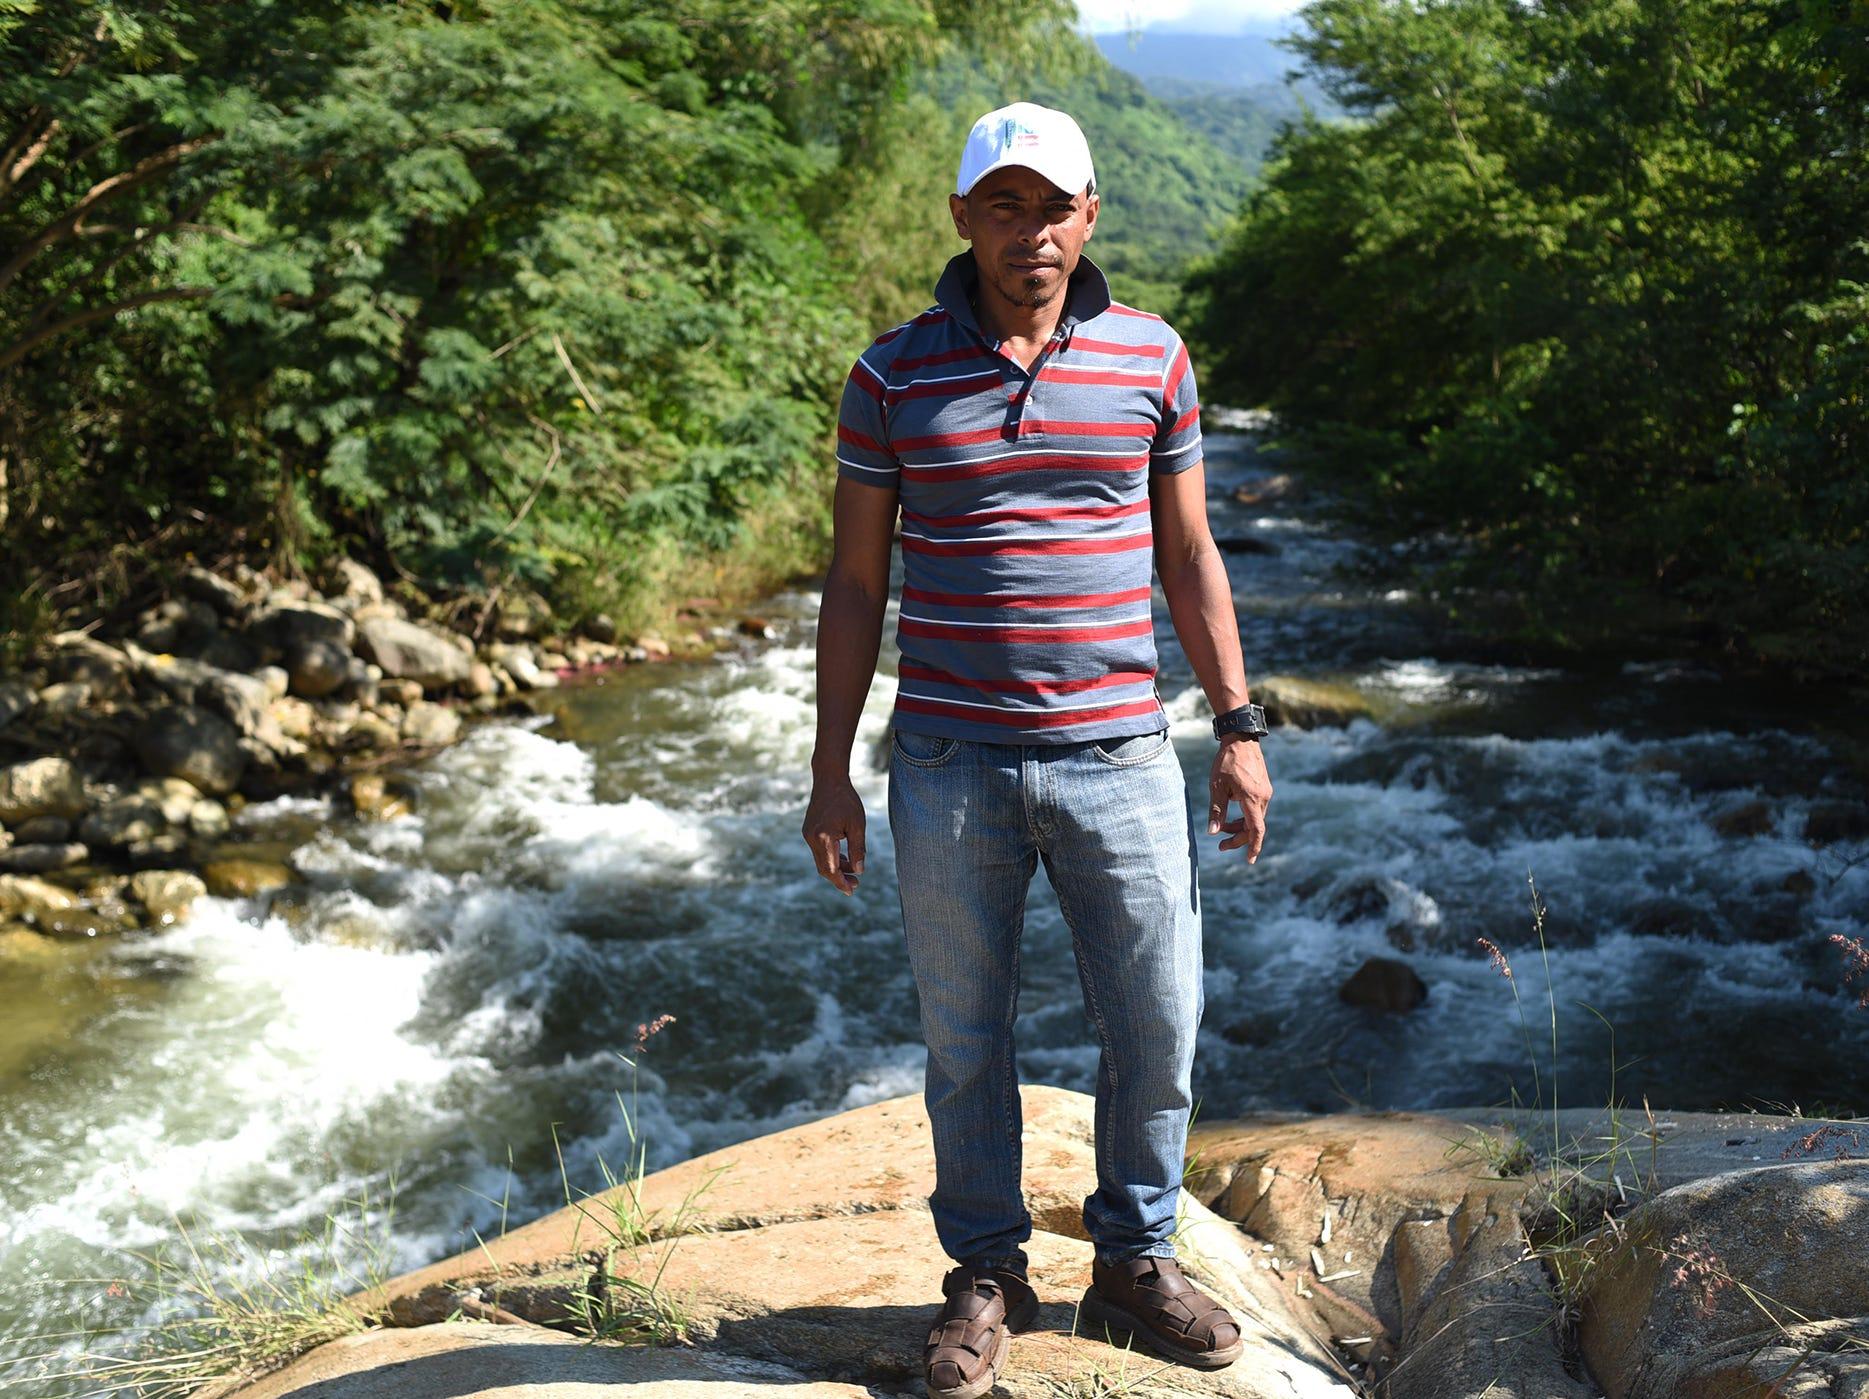 El hondureño Erick Garrido, de 36 años, posa para una foto frente a este hermoso río en Pijijiapan Chiapas. Estos son los rostros de los migrantes centroamericanos que huyen de la pobreza y violencia que se vive en sus países; y que por medio de una caravana caminan cientos de kilómetros cruzando ciudades, ríos, carreteras, bosques y fronteras, con el firme propósito de hacer realidad su sueño de llegar a los Estados Unidos.